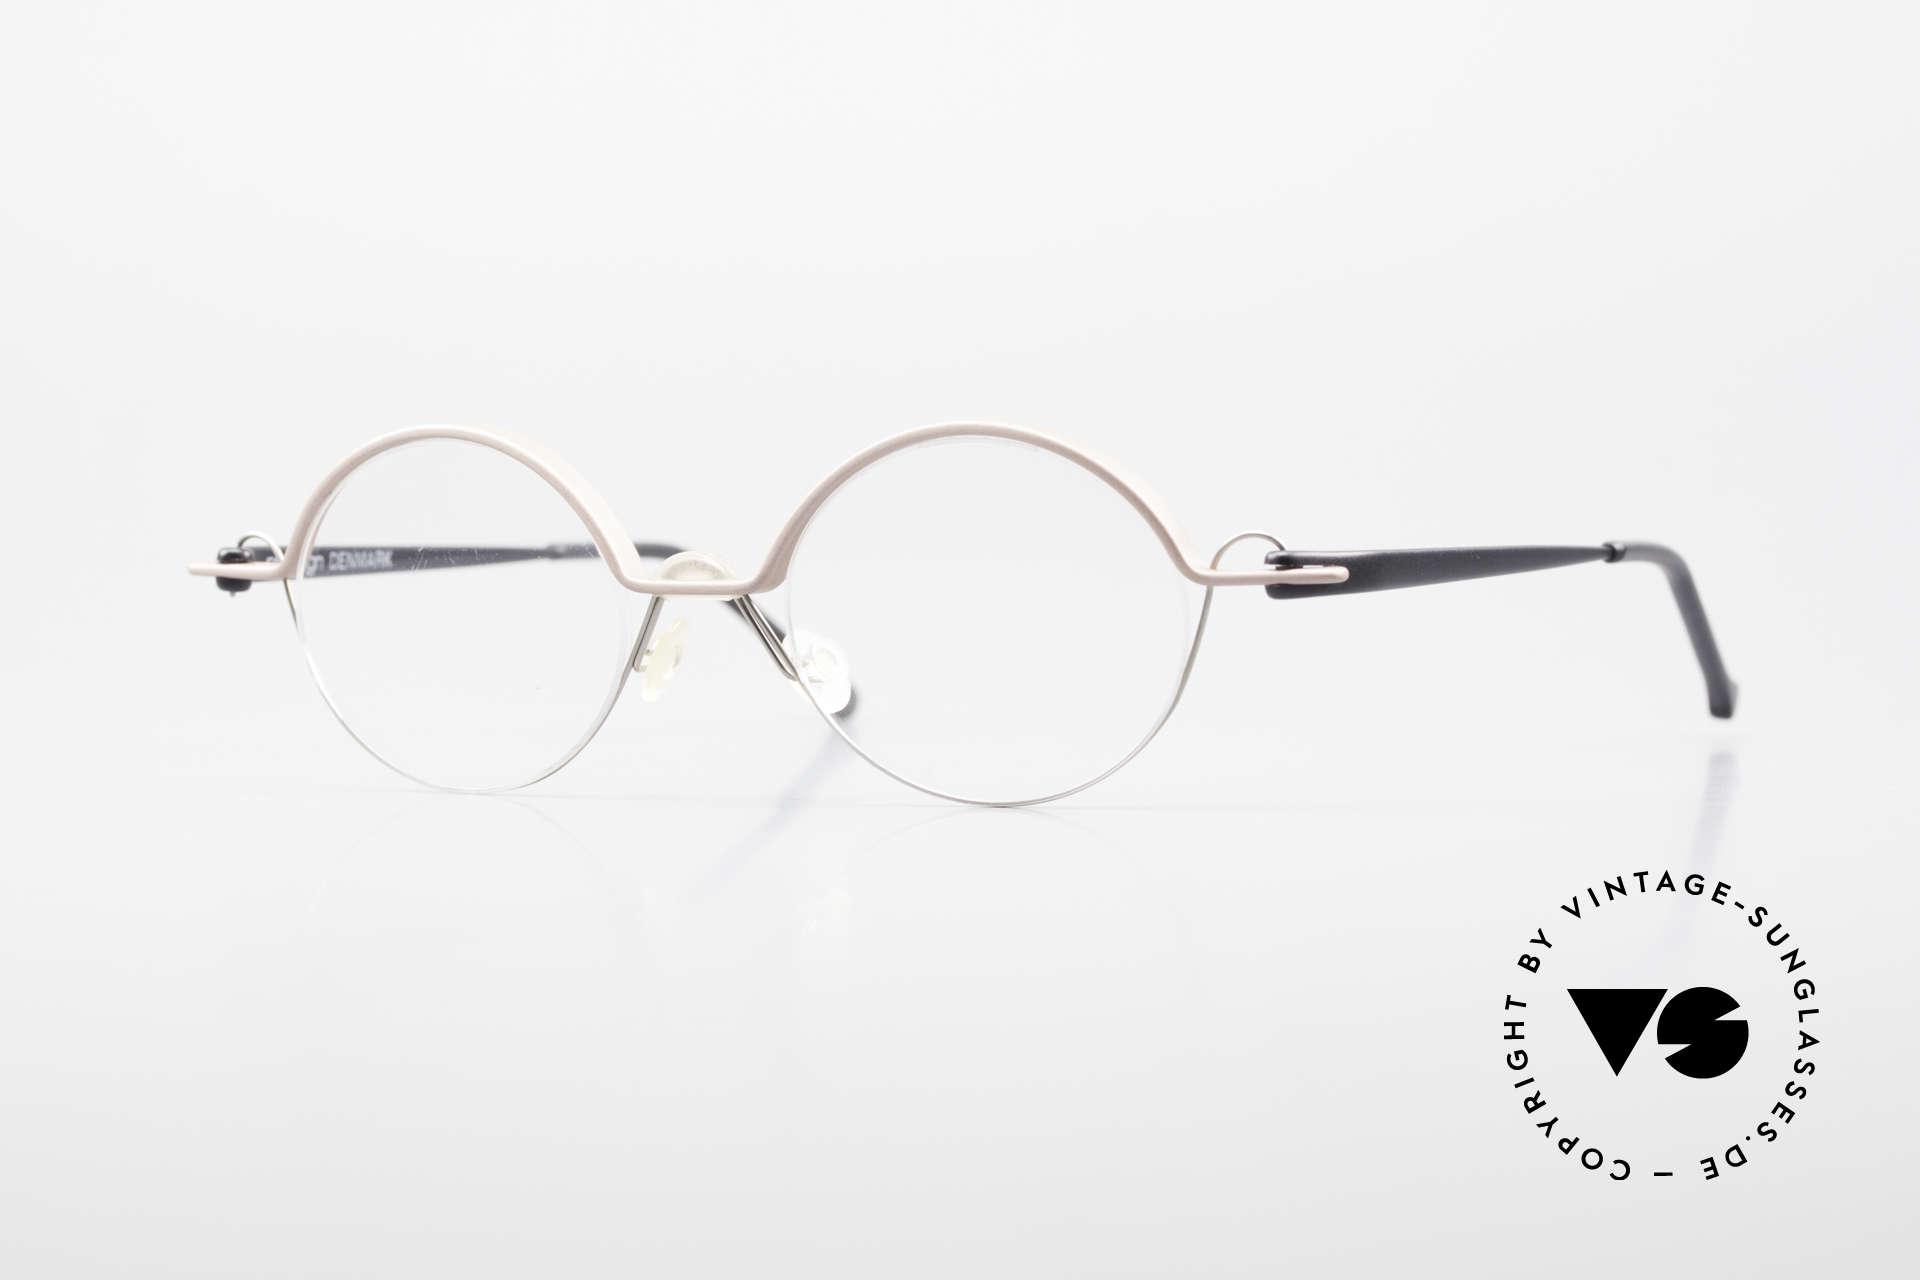 ProDesign No23 Gail Spence Design Frame 90's, Pro Design N°TwentyThree - Optic Studio Denmark, Made for Men and Women